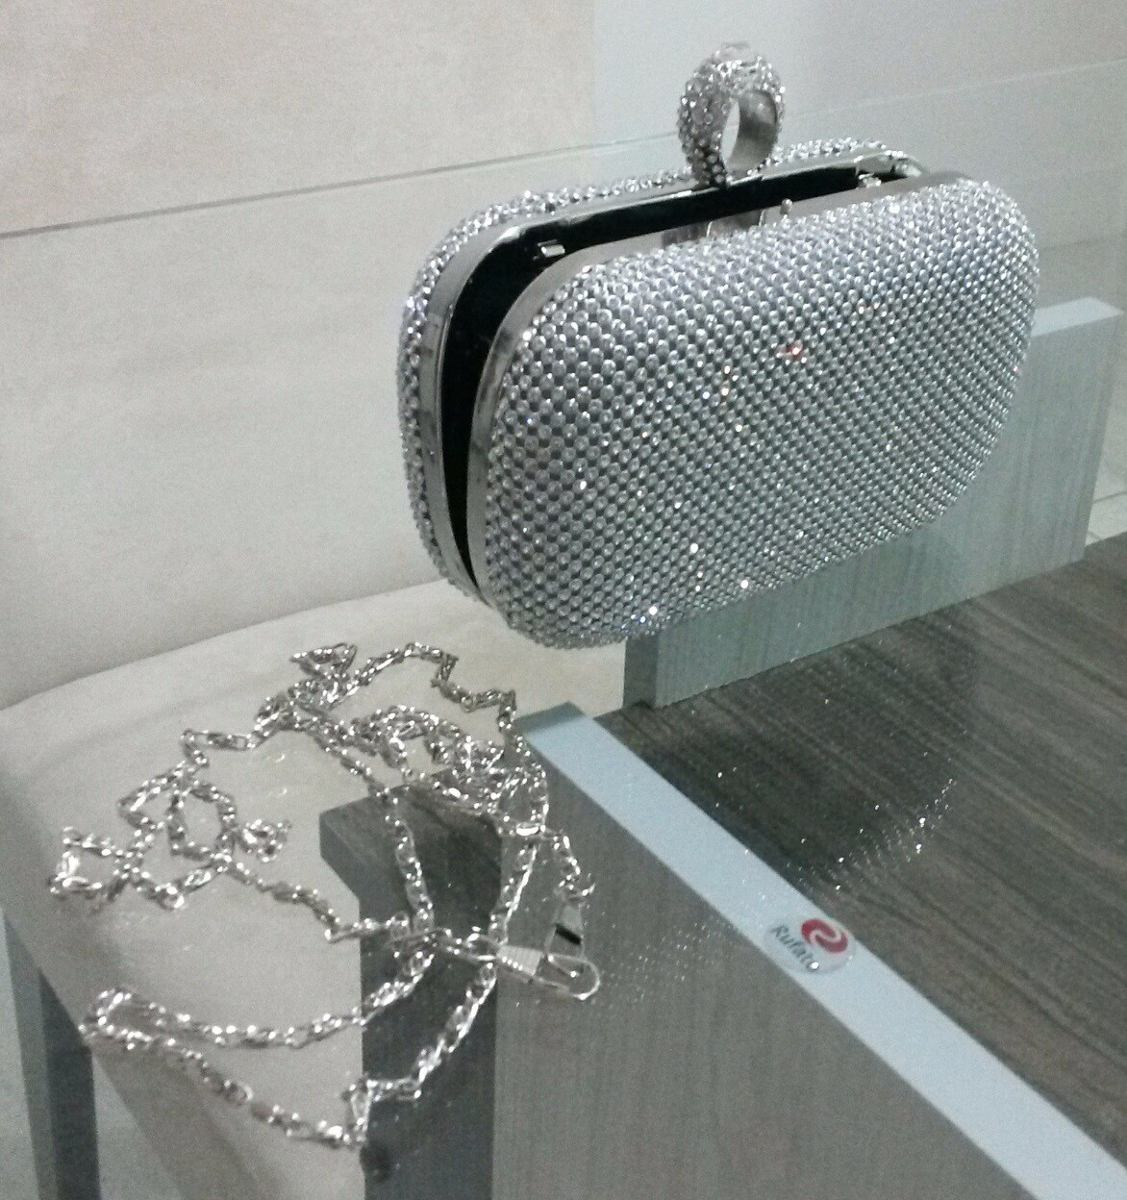 fba402b19 bolsa clutch festa prata strass cristal carteira estilo anel. Carregando  zoom.